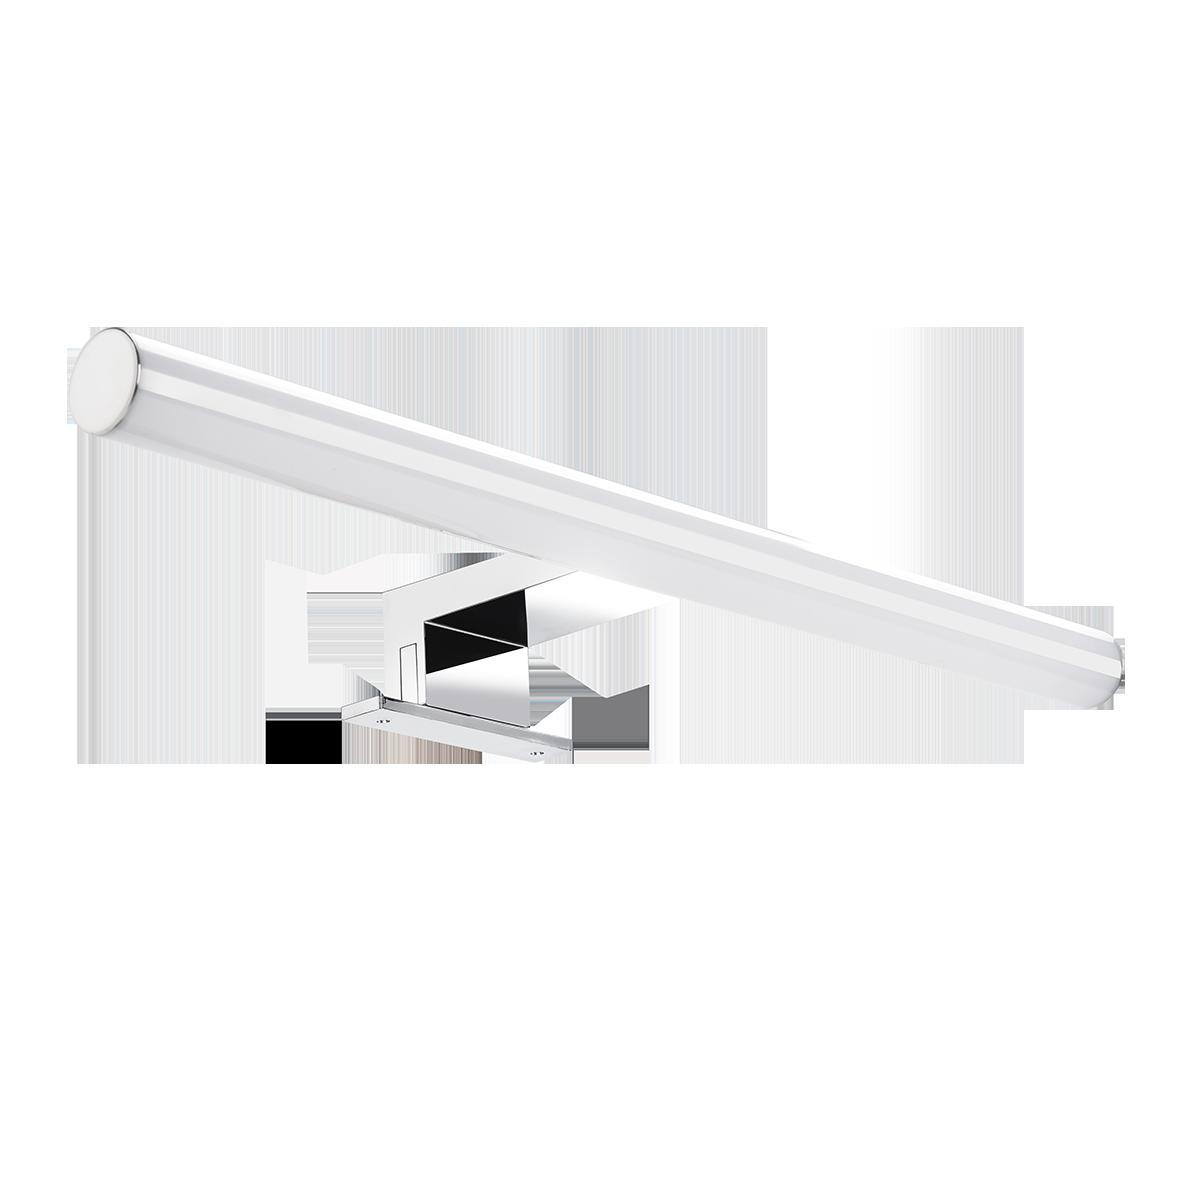 PEEGEL LED 9W, lampa nad lustro, 810lm, 4000K, dł. 60 cm, tworzywo sztuczne+akryl,